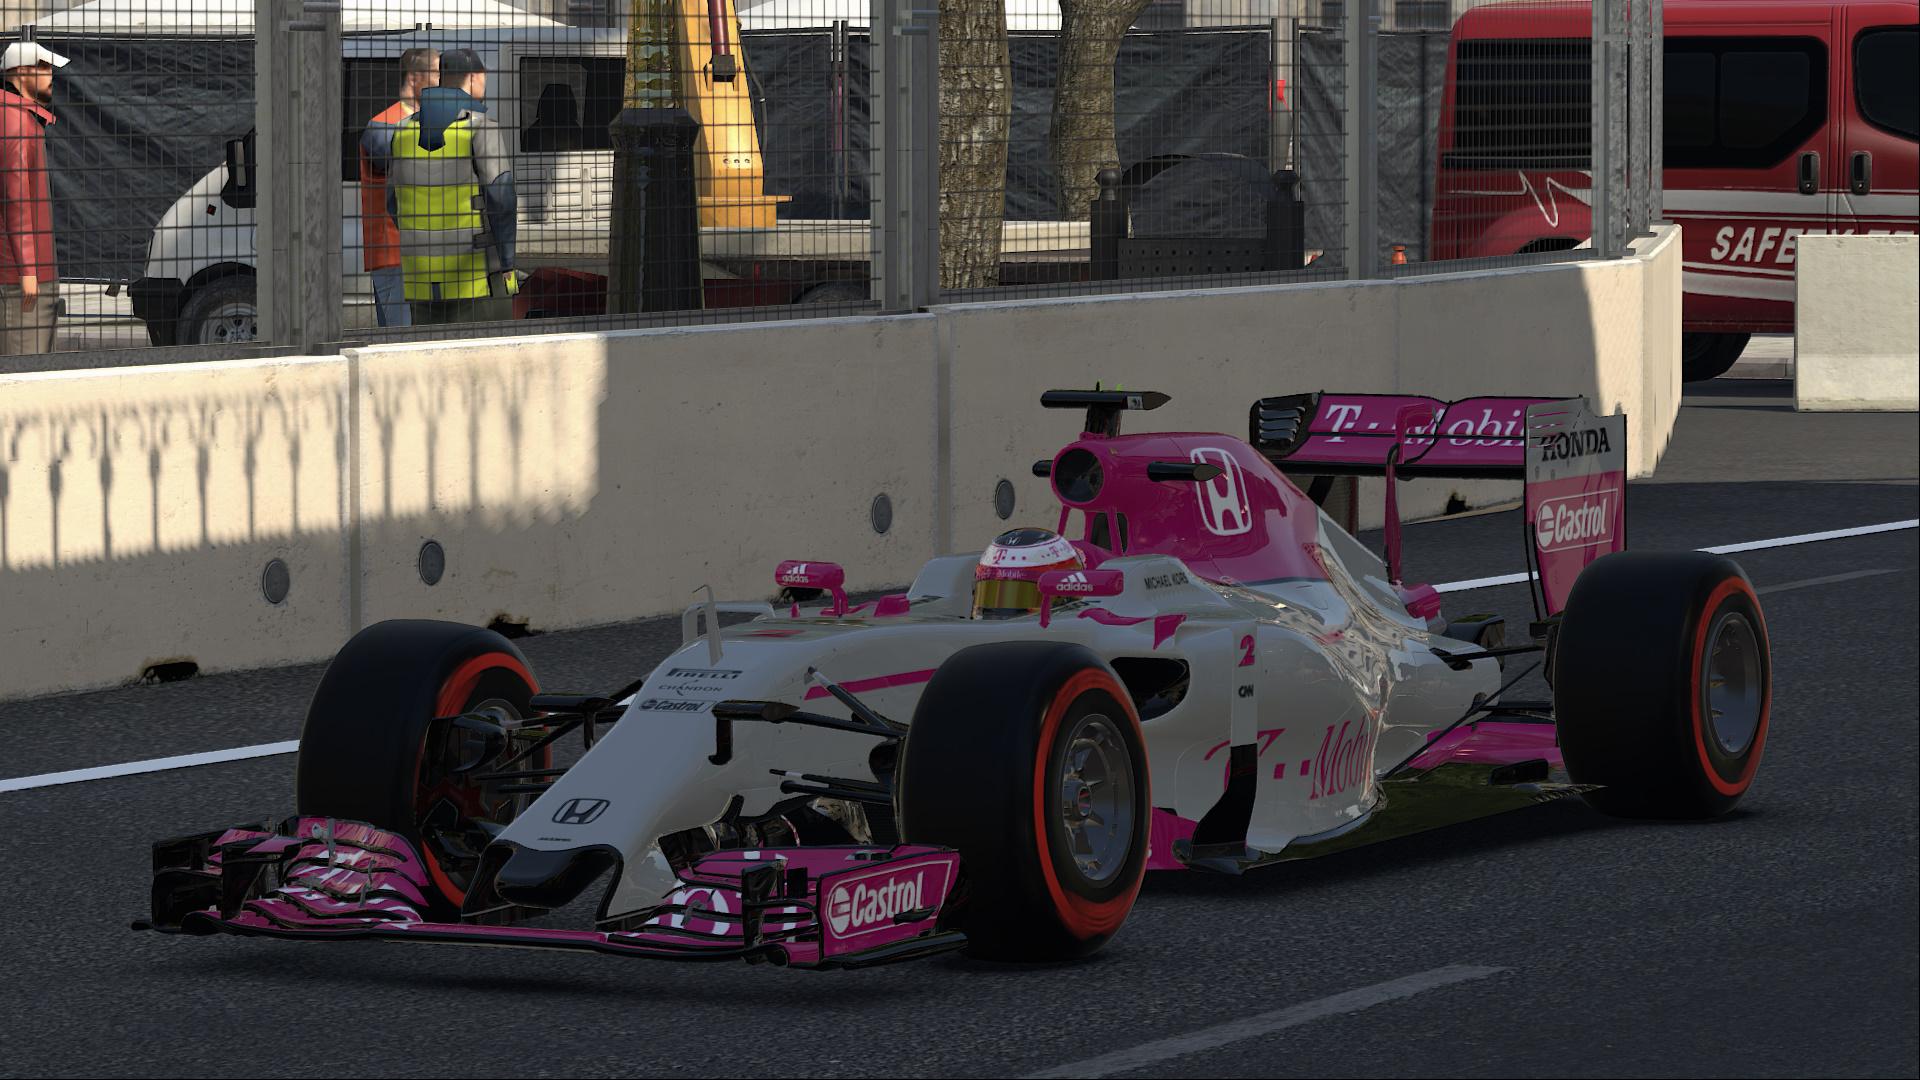 F1_2016 2017-06-19 11-26-15-192.jpg